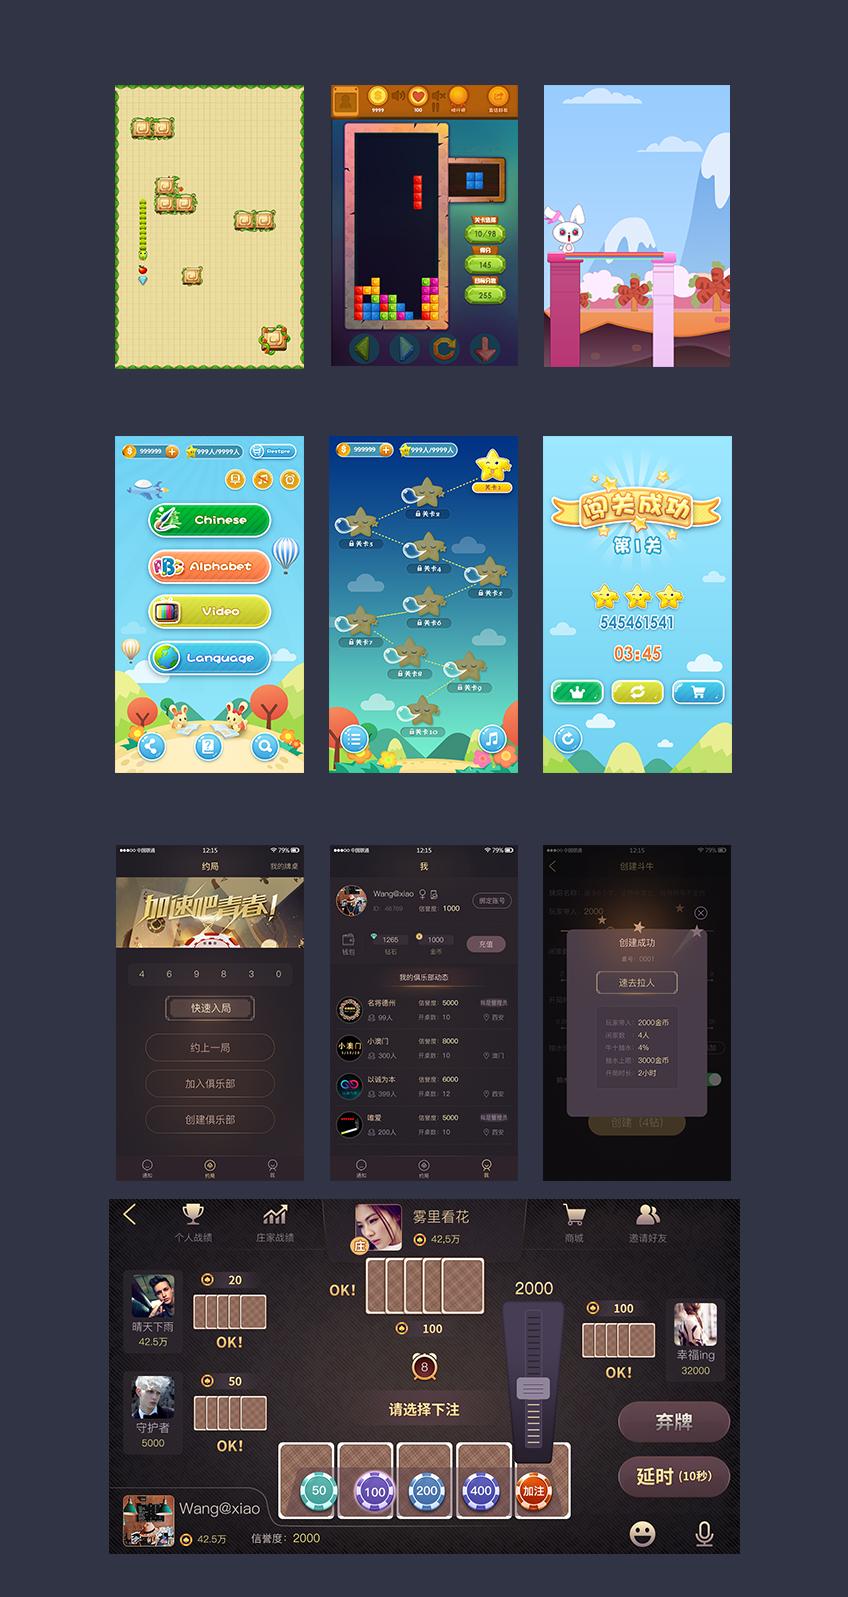 游戏UI设计_游戏美术设计/游戏UI/游戏界面/小程序游戏/ 棋牌游戏界面7